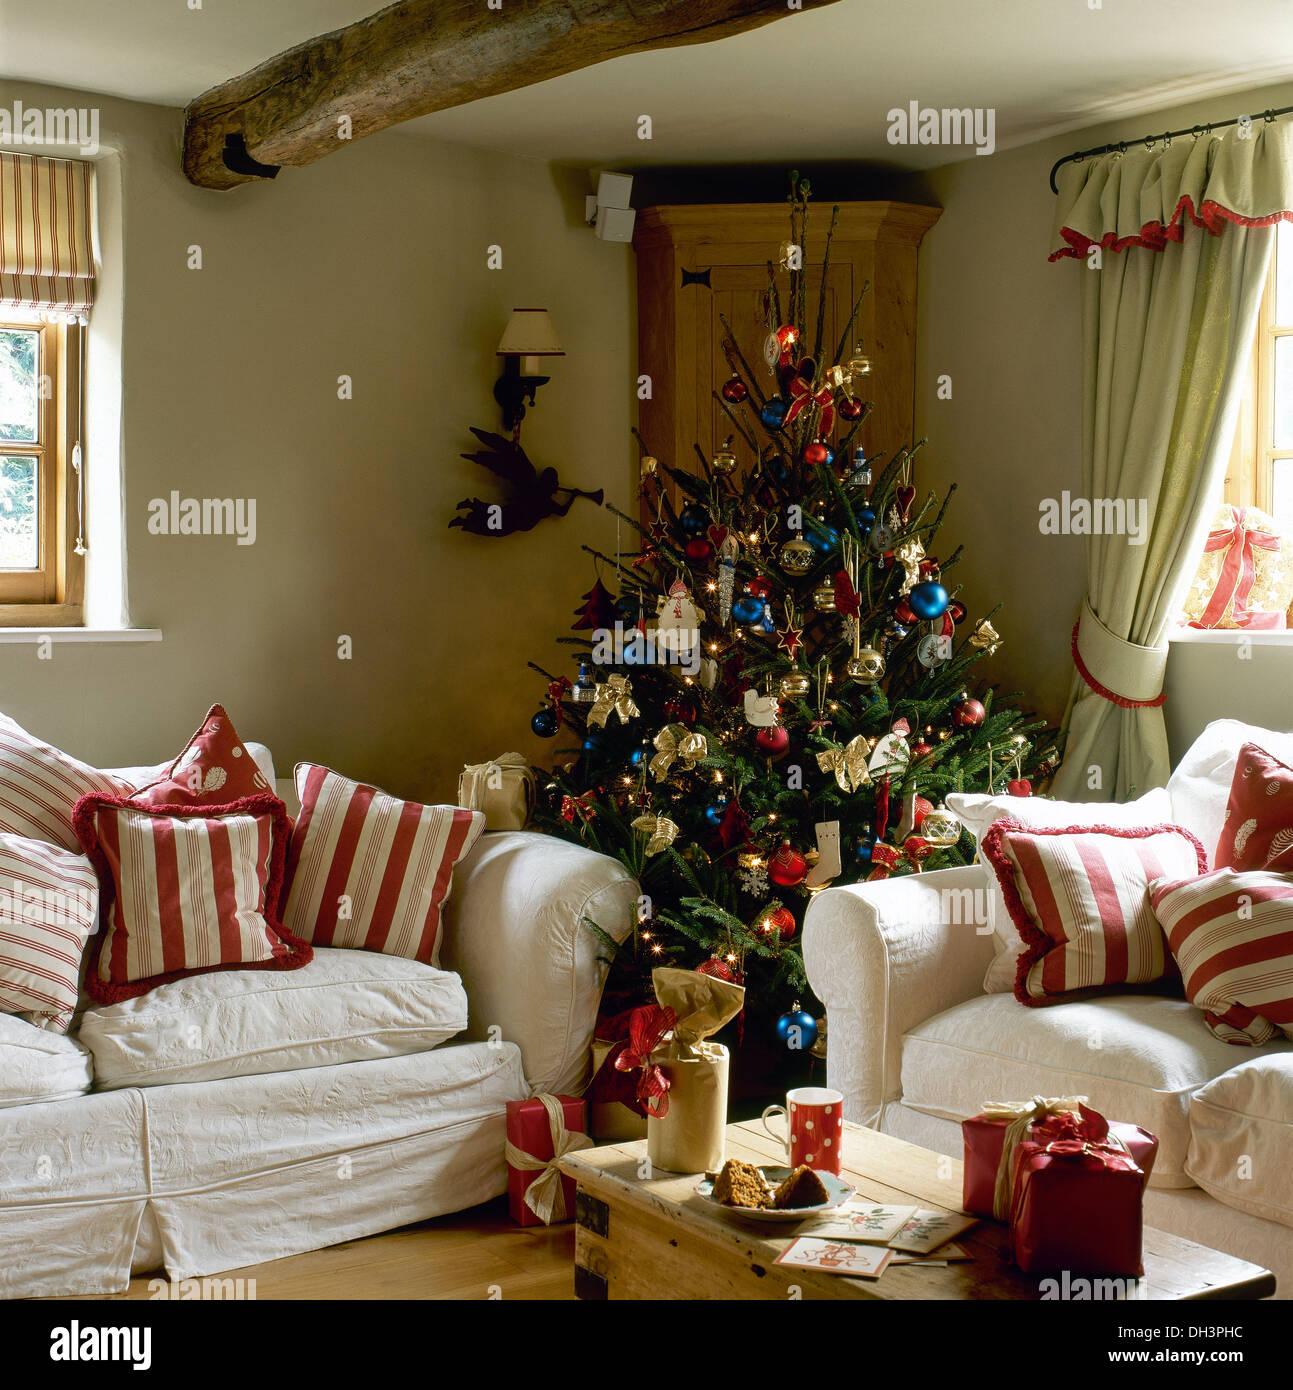 Dekorierten Weihnachtsbaum in der Ecke der Hütte Wohnzimmer mit rot ...